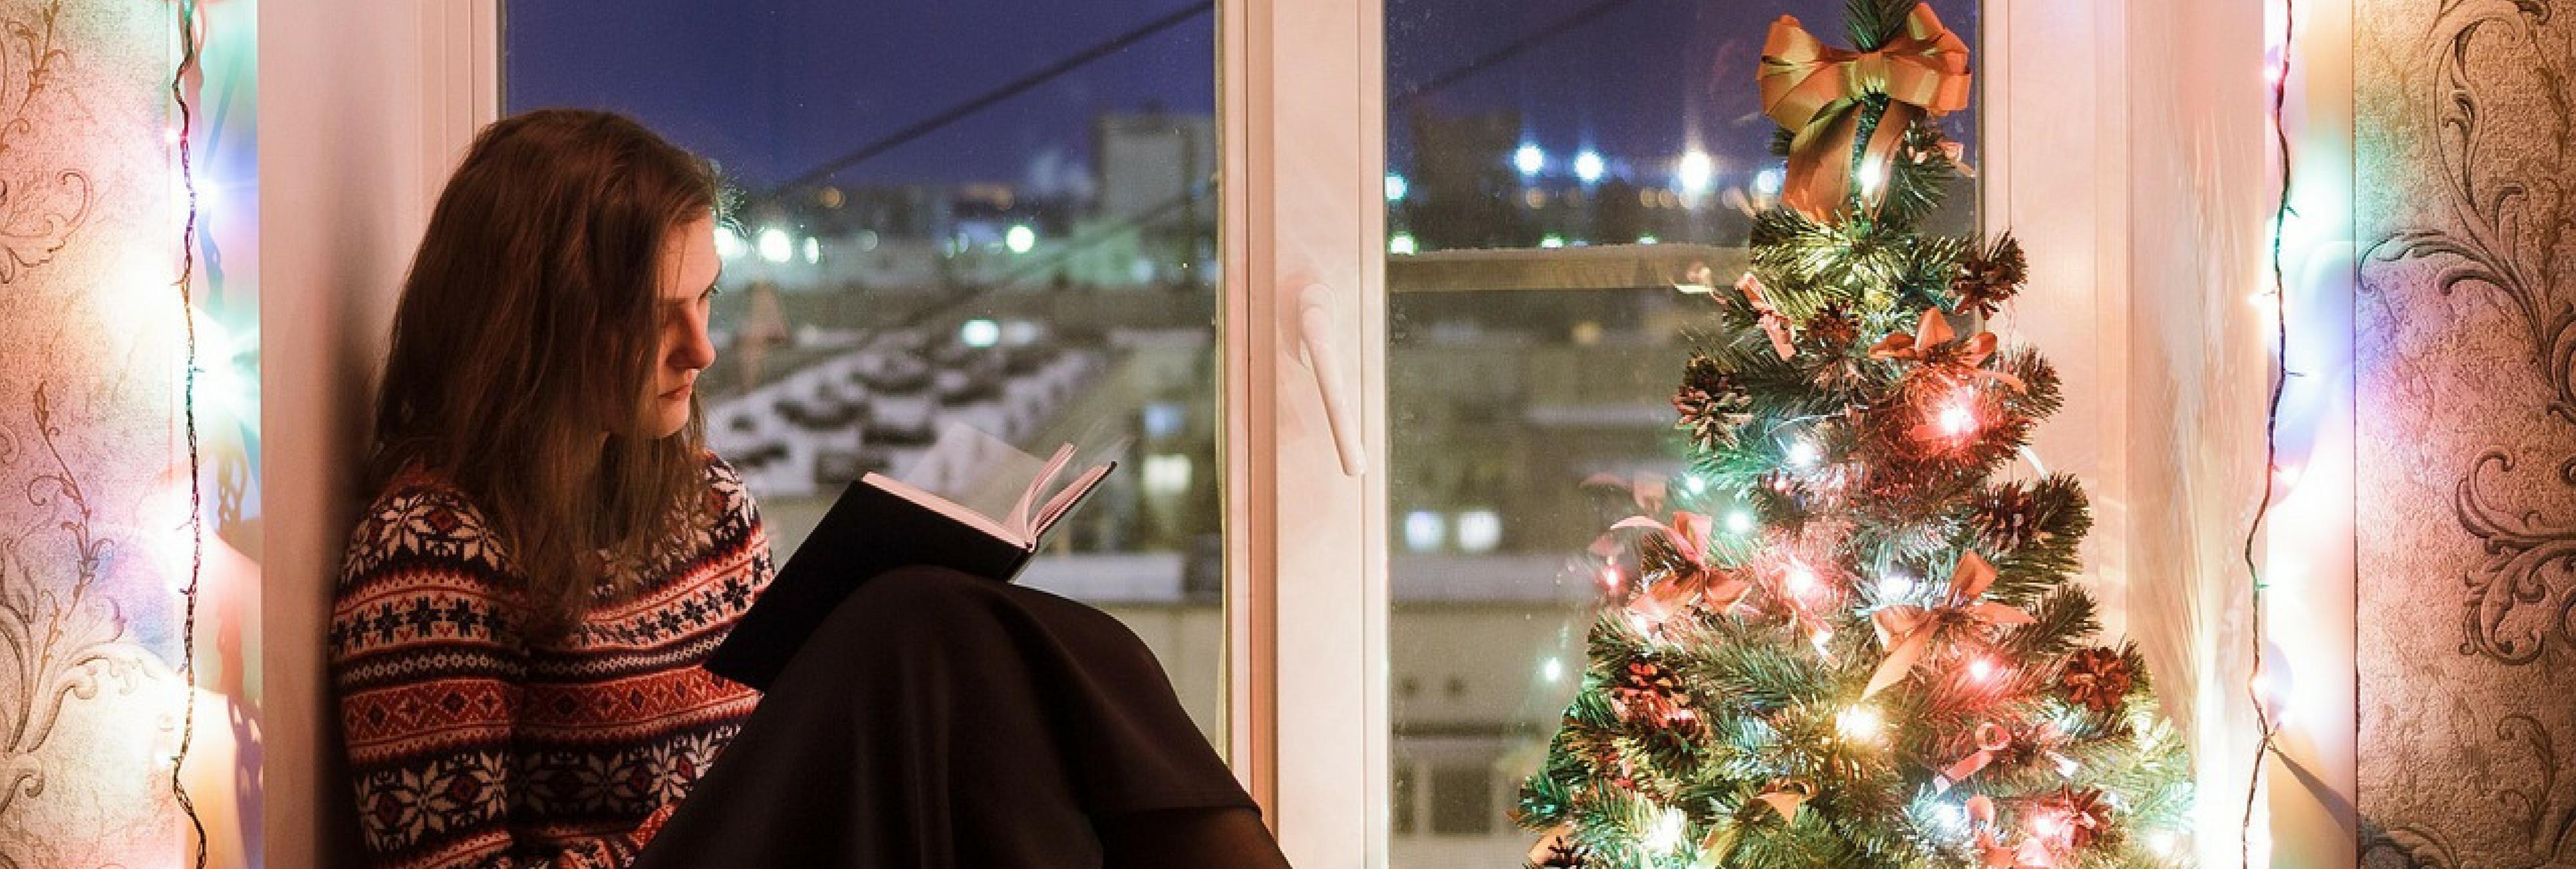 ¿Tienes depresión navideña? Estas son las mejores soluciones